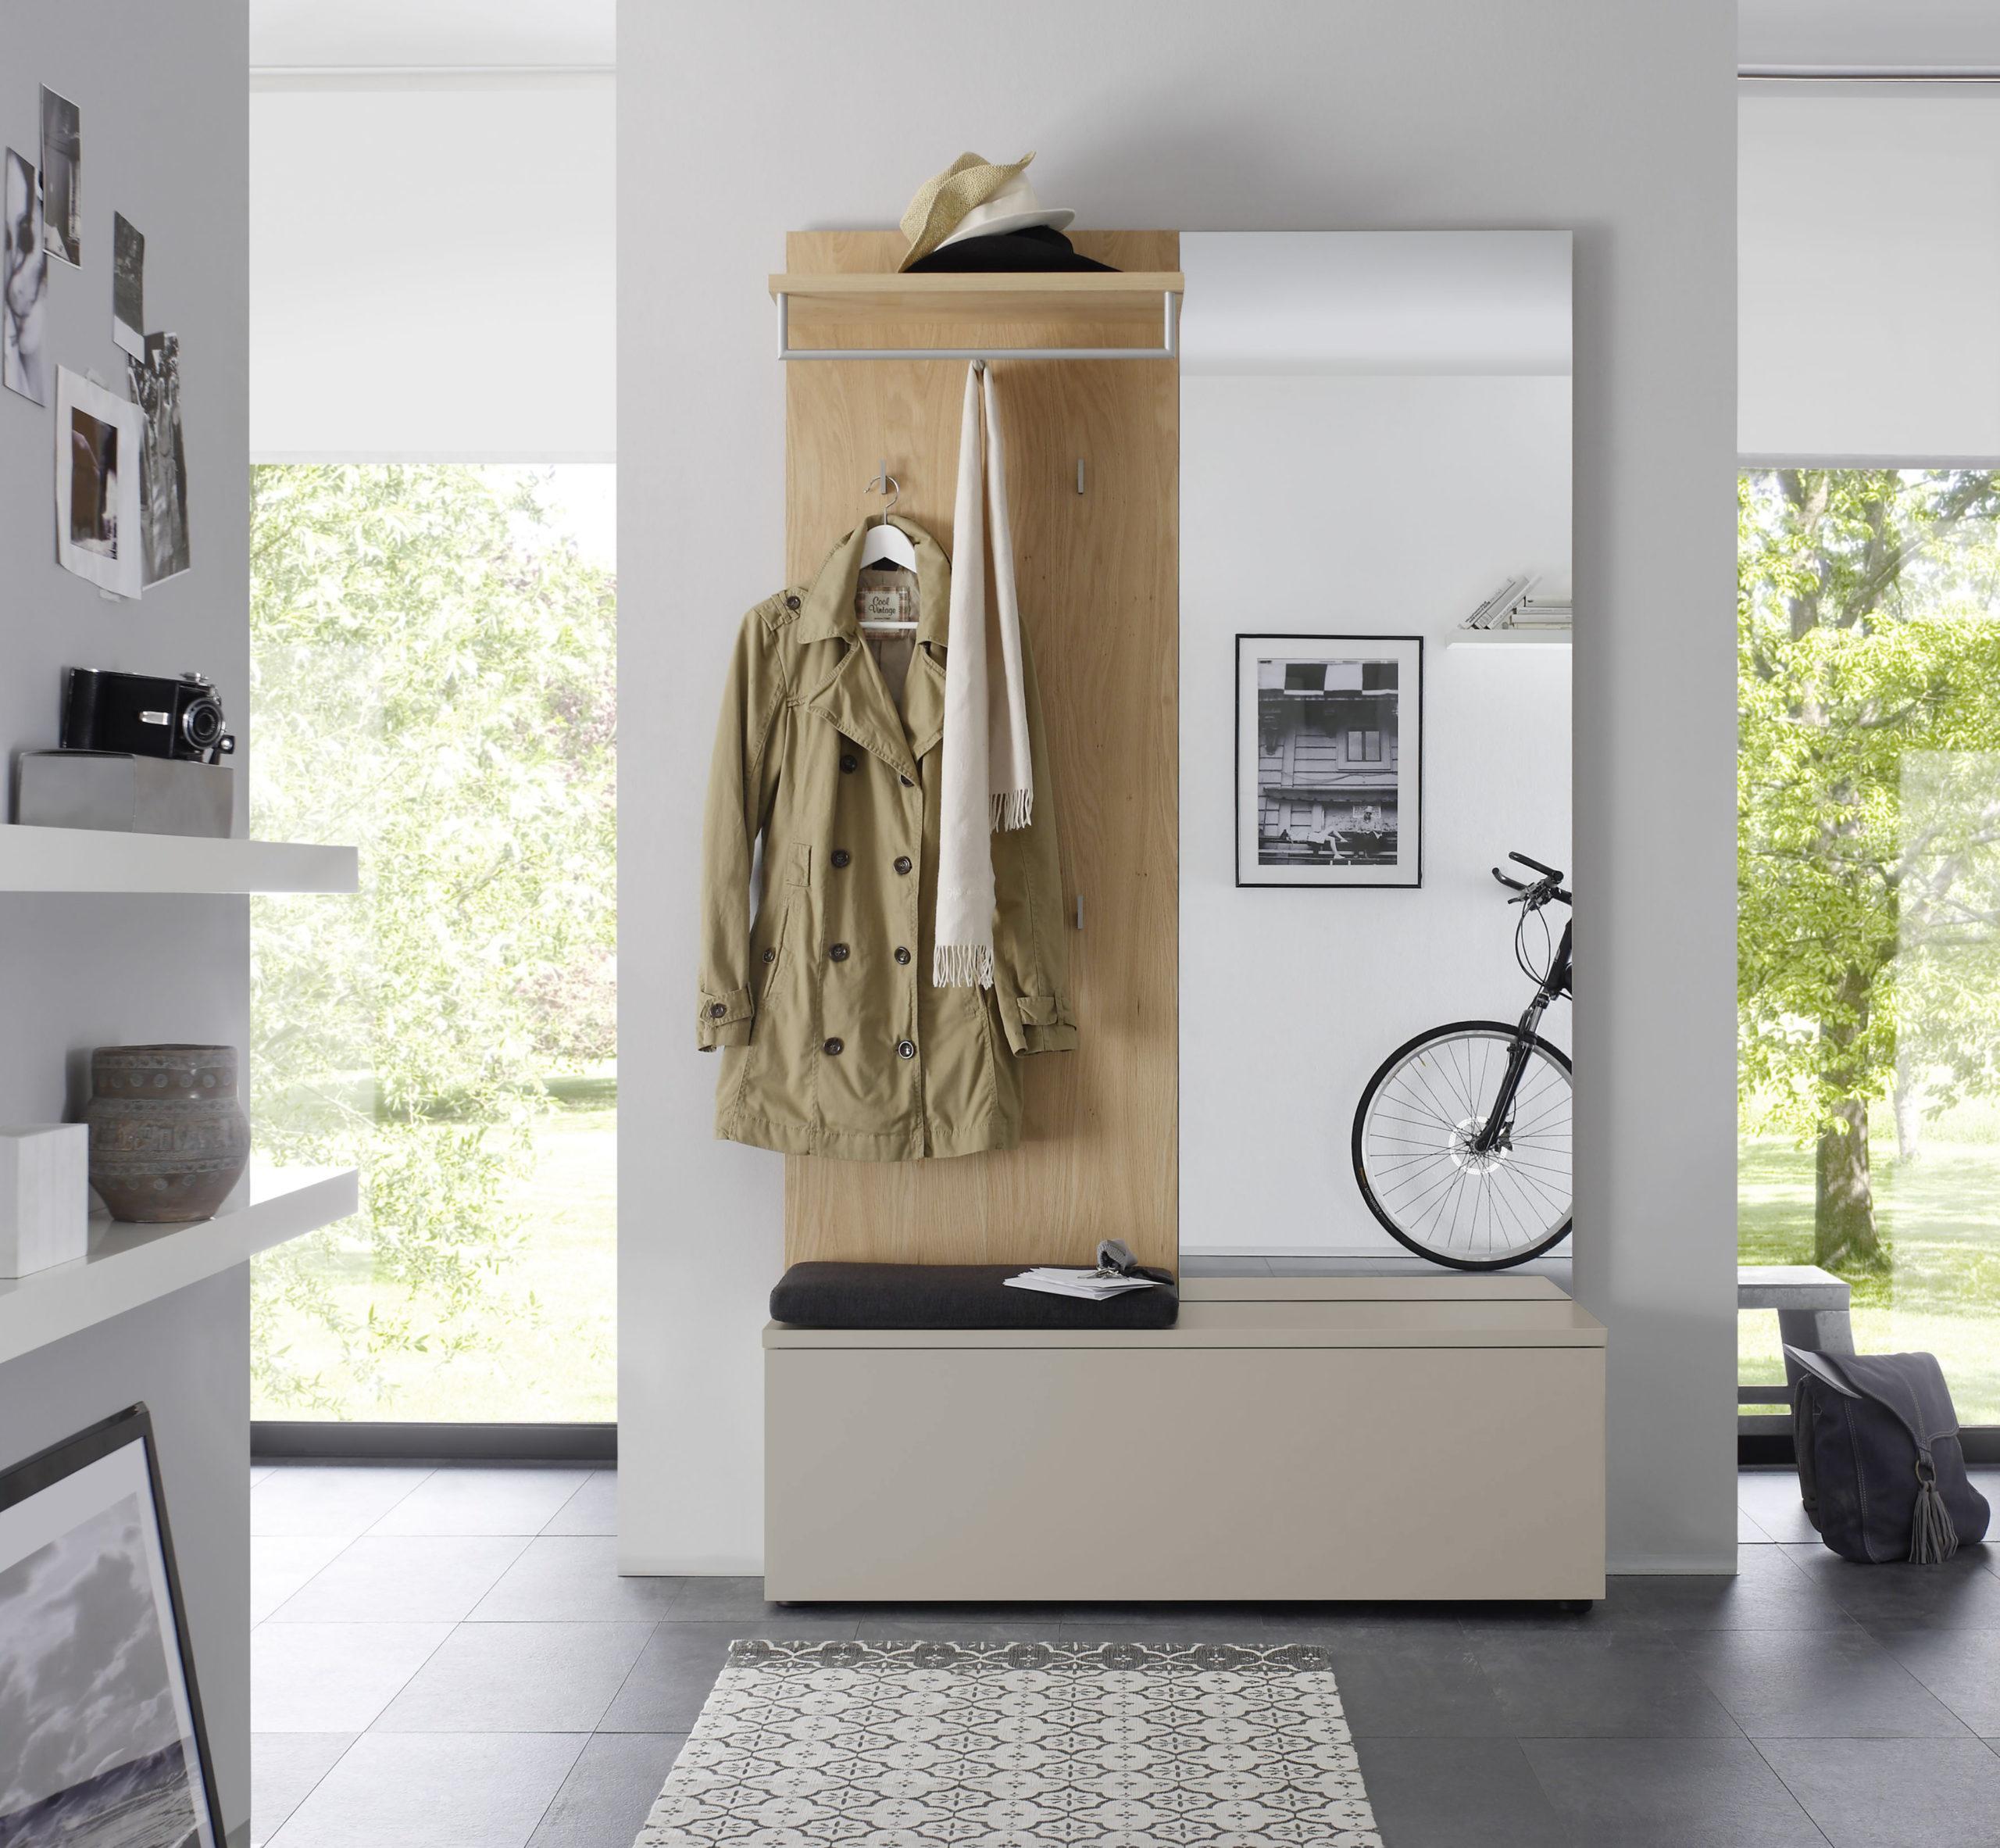 Sudbrock TANDO Garderobe in der Ausführung Ethno Eiche, Lack muschelgrau #405